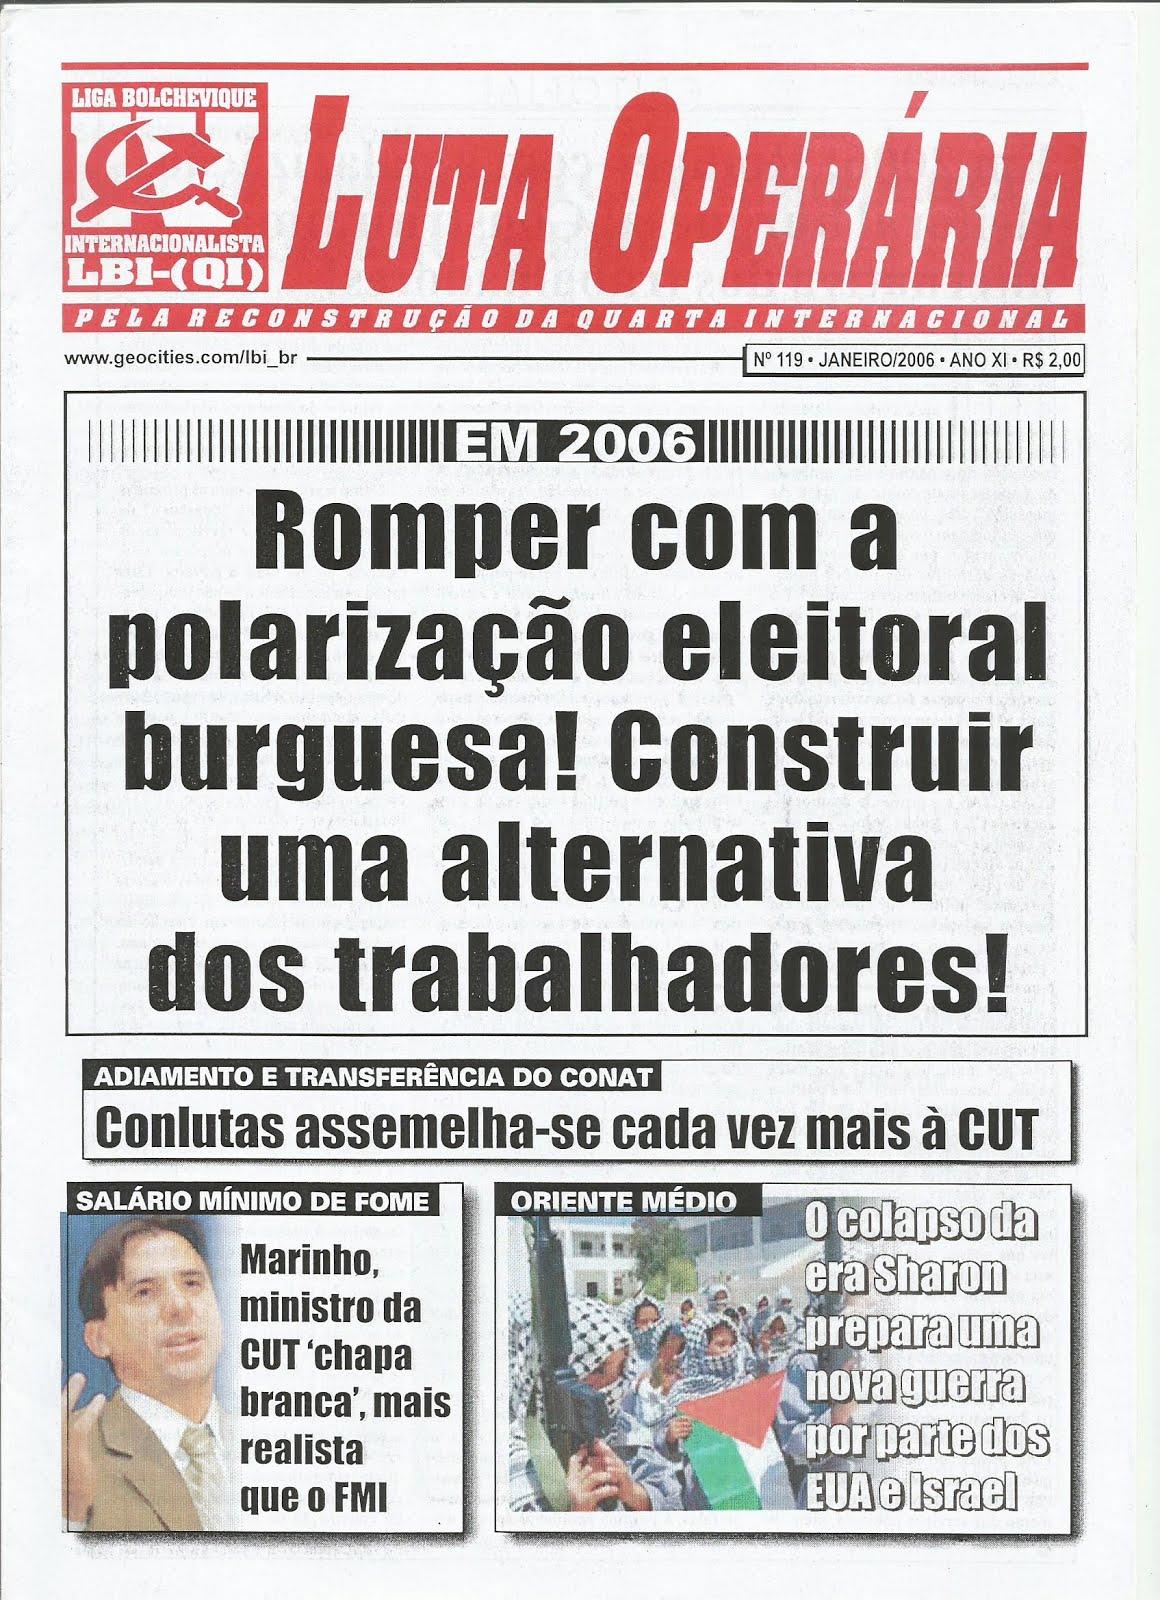 LEIA A EDIÇÃO DO JORNAL LUTA OPERÁRIA Nº 119 - JANEIRO/2006